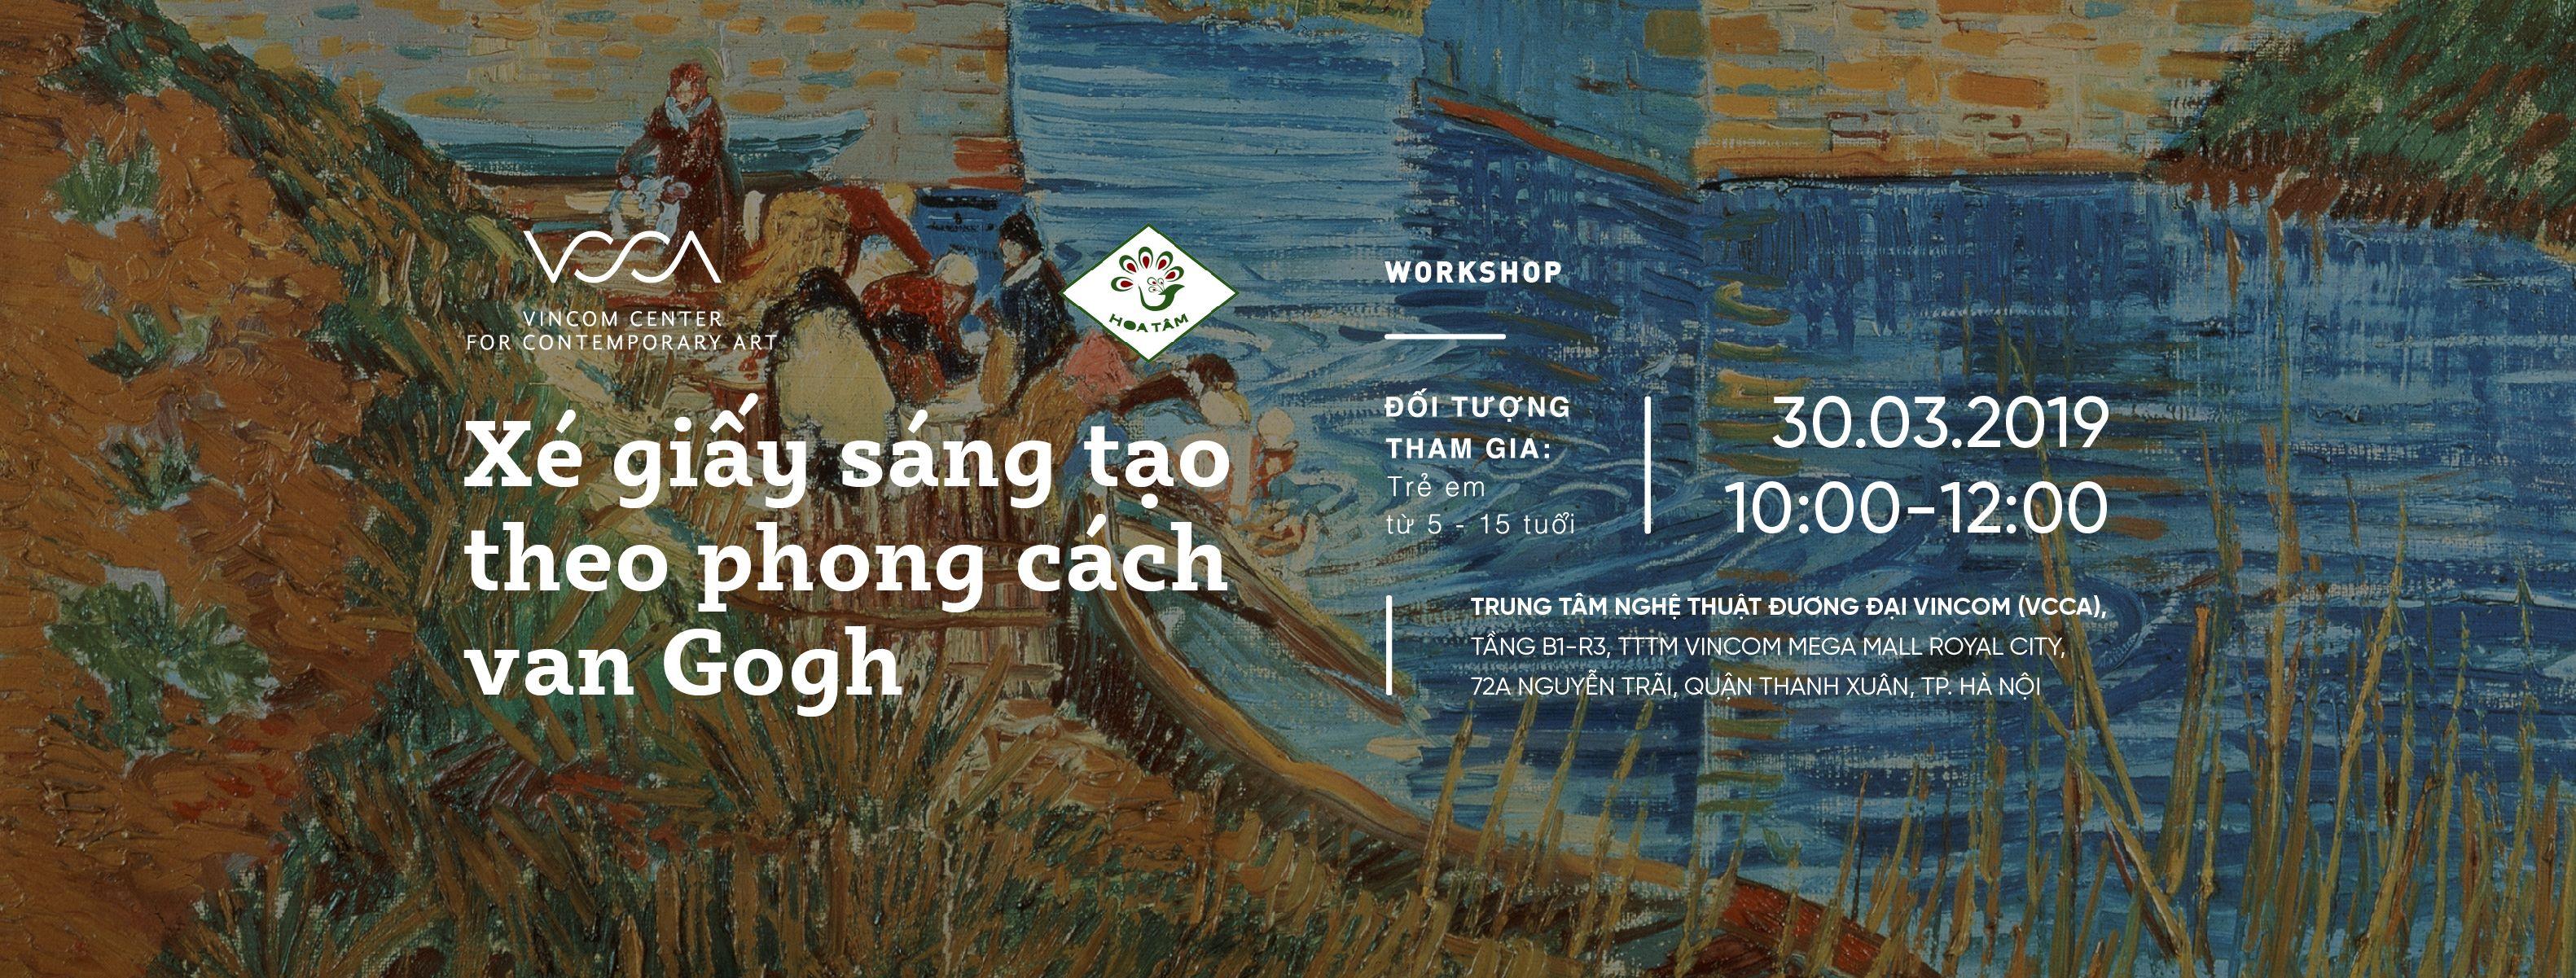 Lịch | Trung tâm Nghệ thuật đương đại Vincom